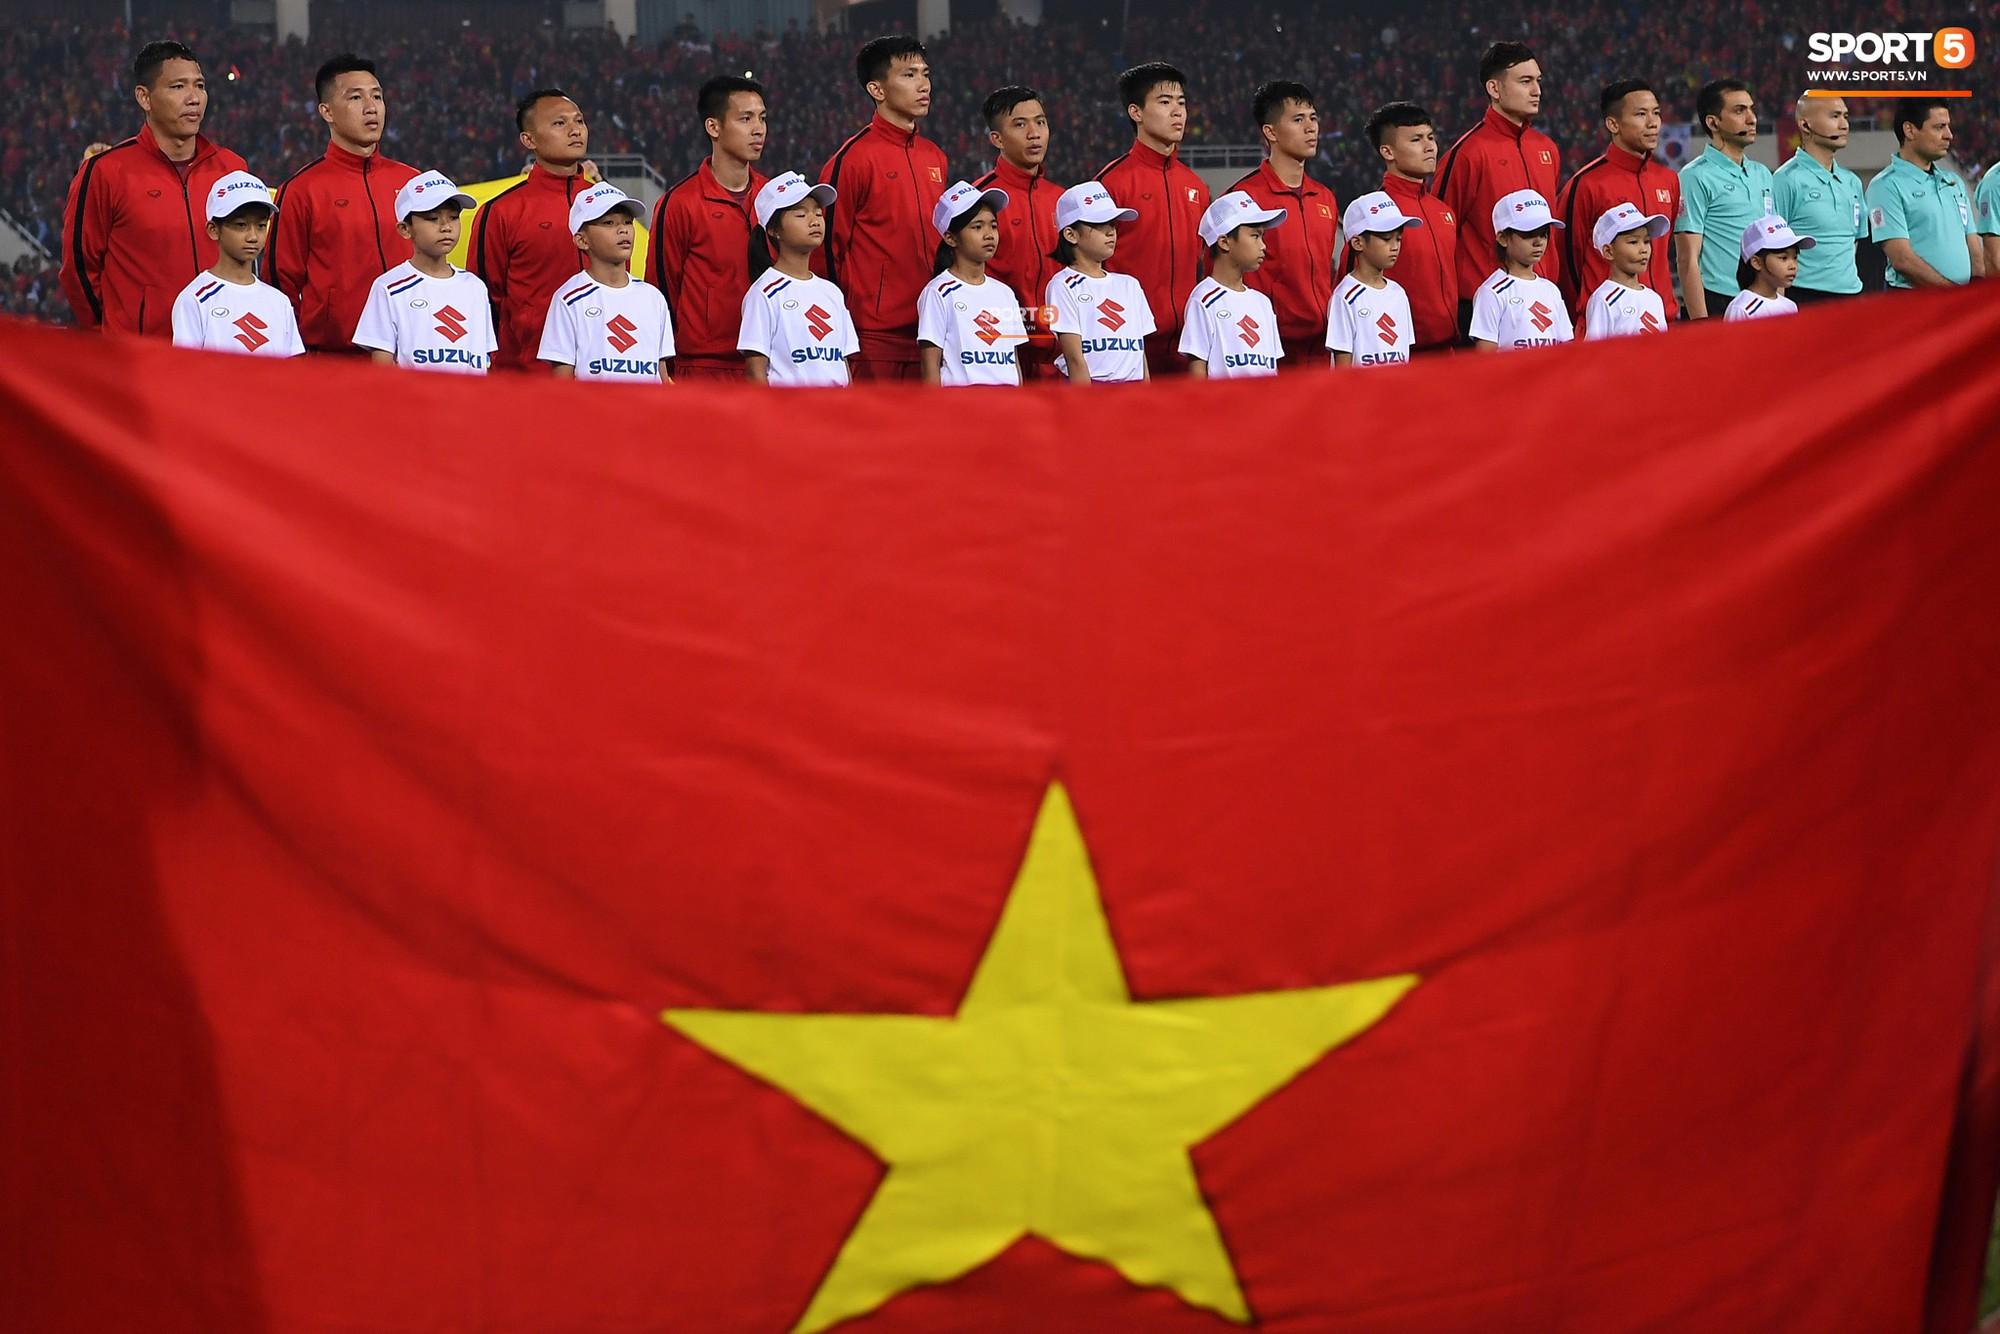 Tuyển Việt Nam thời Park Hang-seo cần làm gì ở Asian Cup 2019 để trở thành thế hệ xuất sắc nhất? - Ảnh 2.